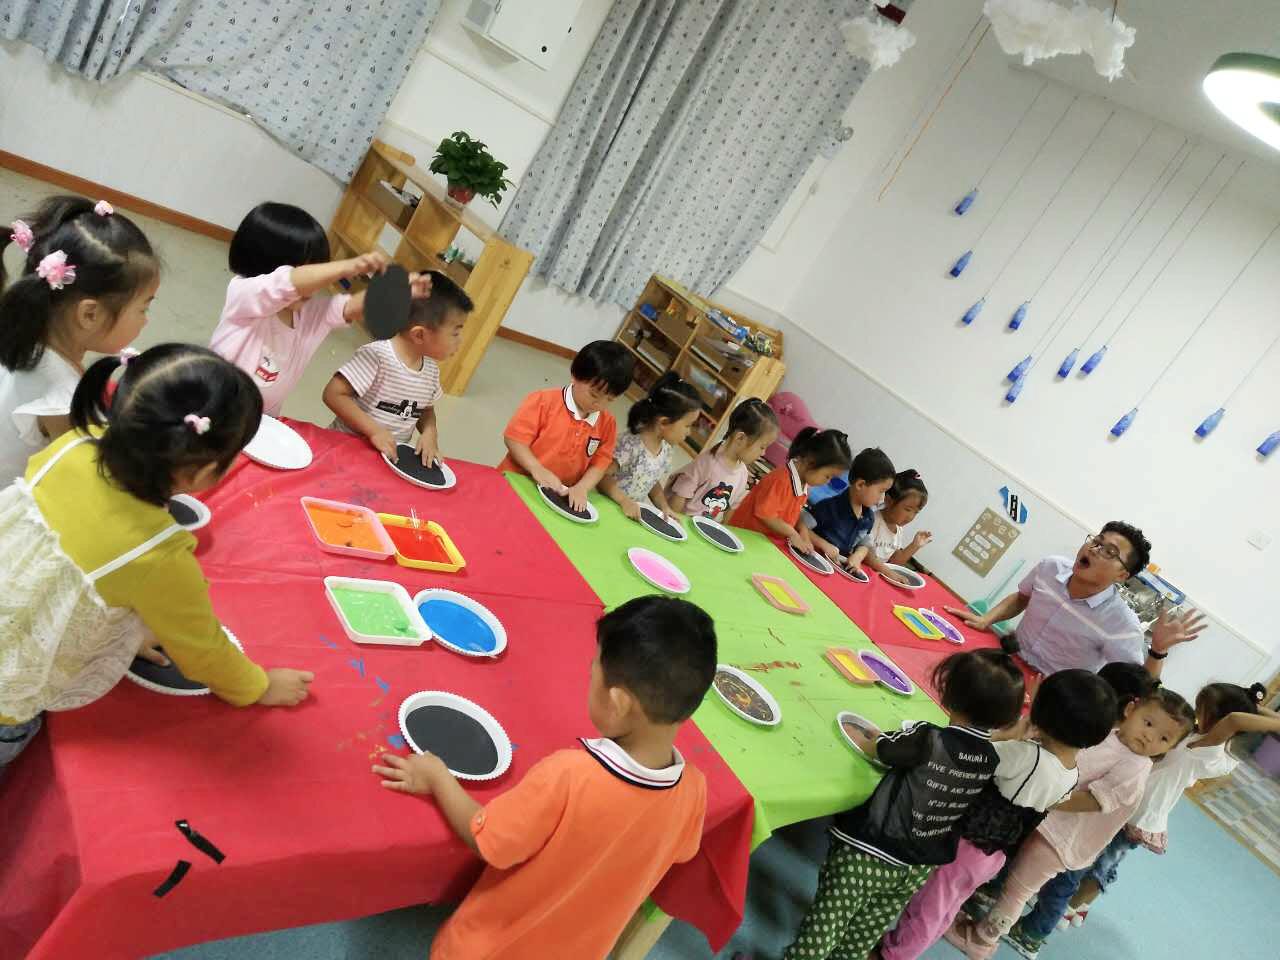 艺术之路,从香港艾尔斯堡幼儿艺术特长班开始